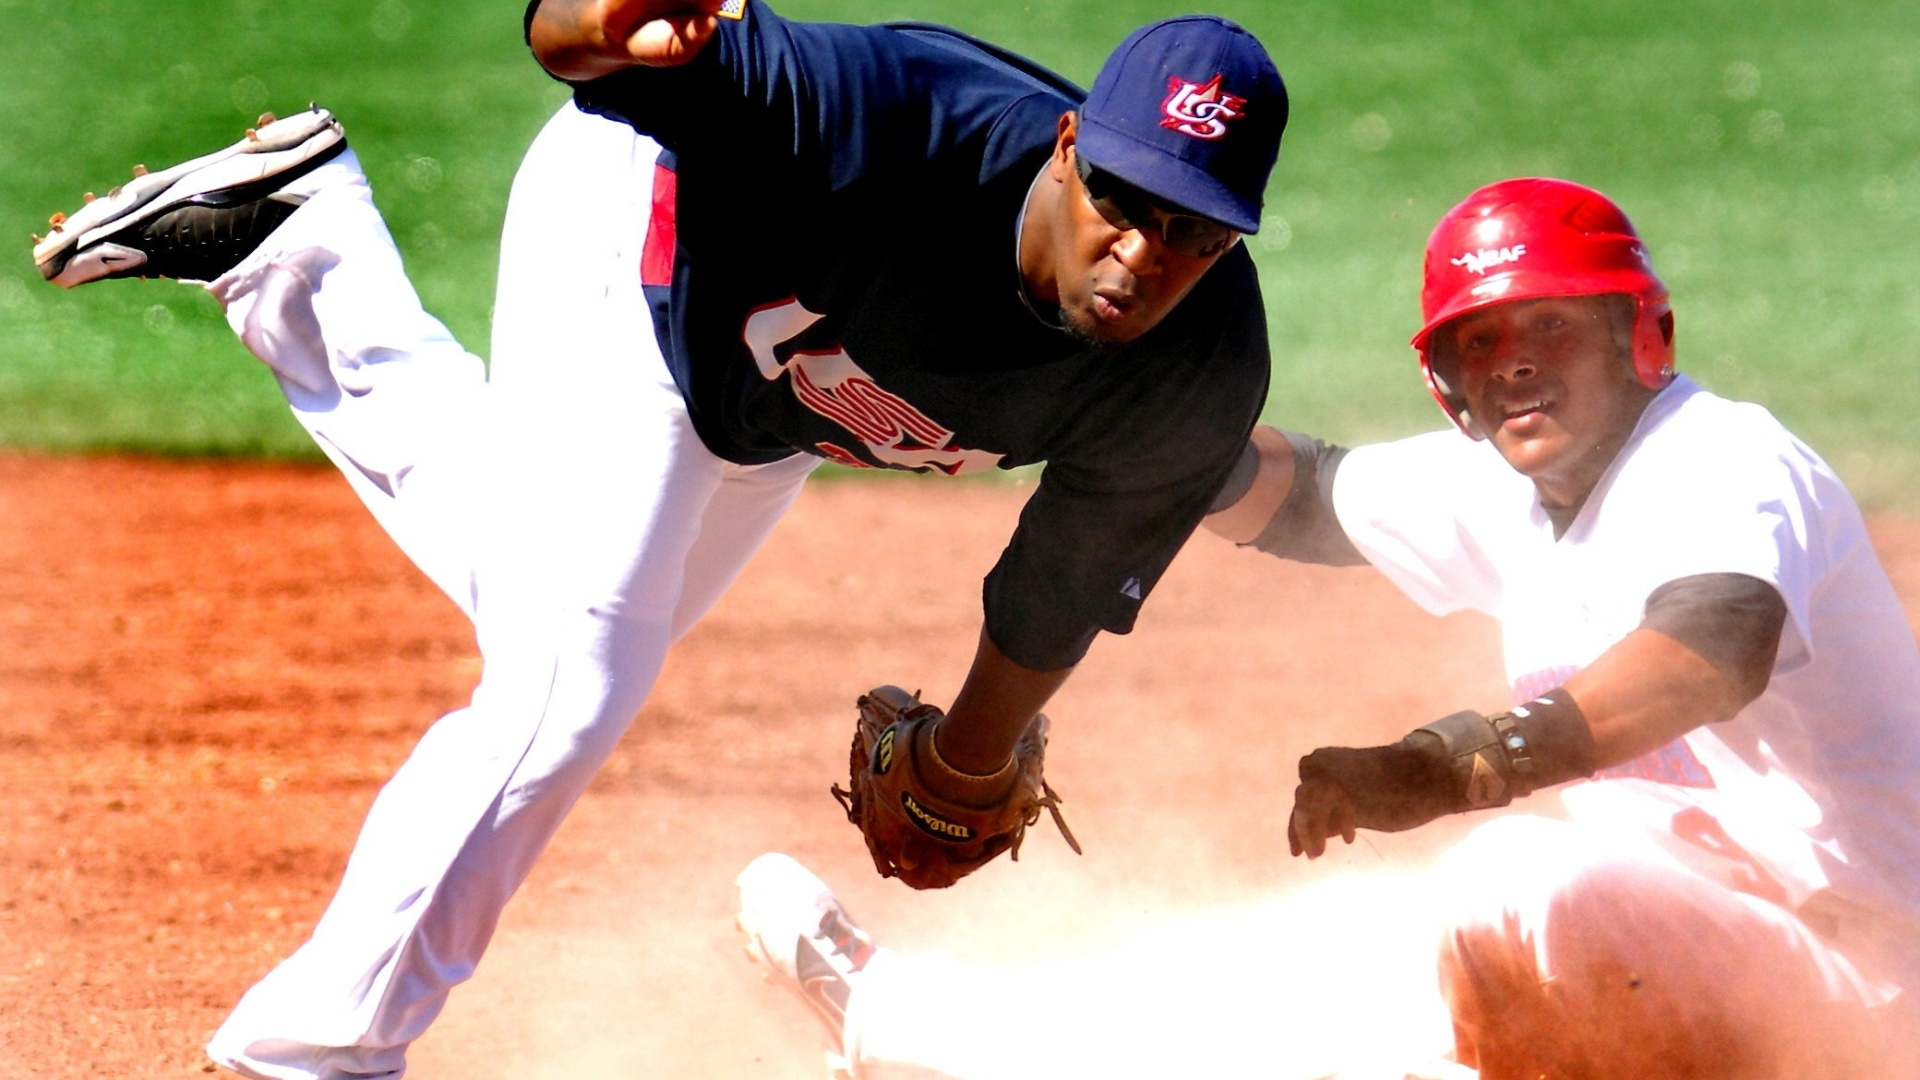 O americano Joseph Thurston consegue eliminar o dominicano Angel Gonzalez durante o encontro entre os dois países no beisebol